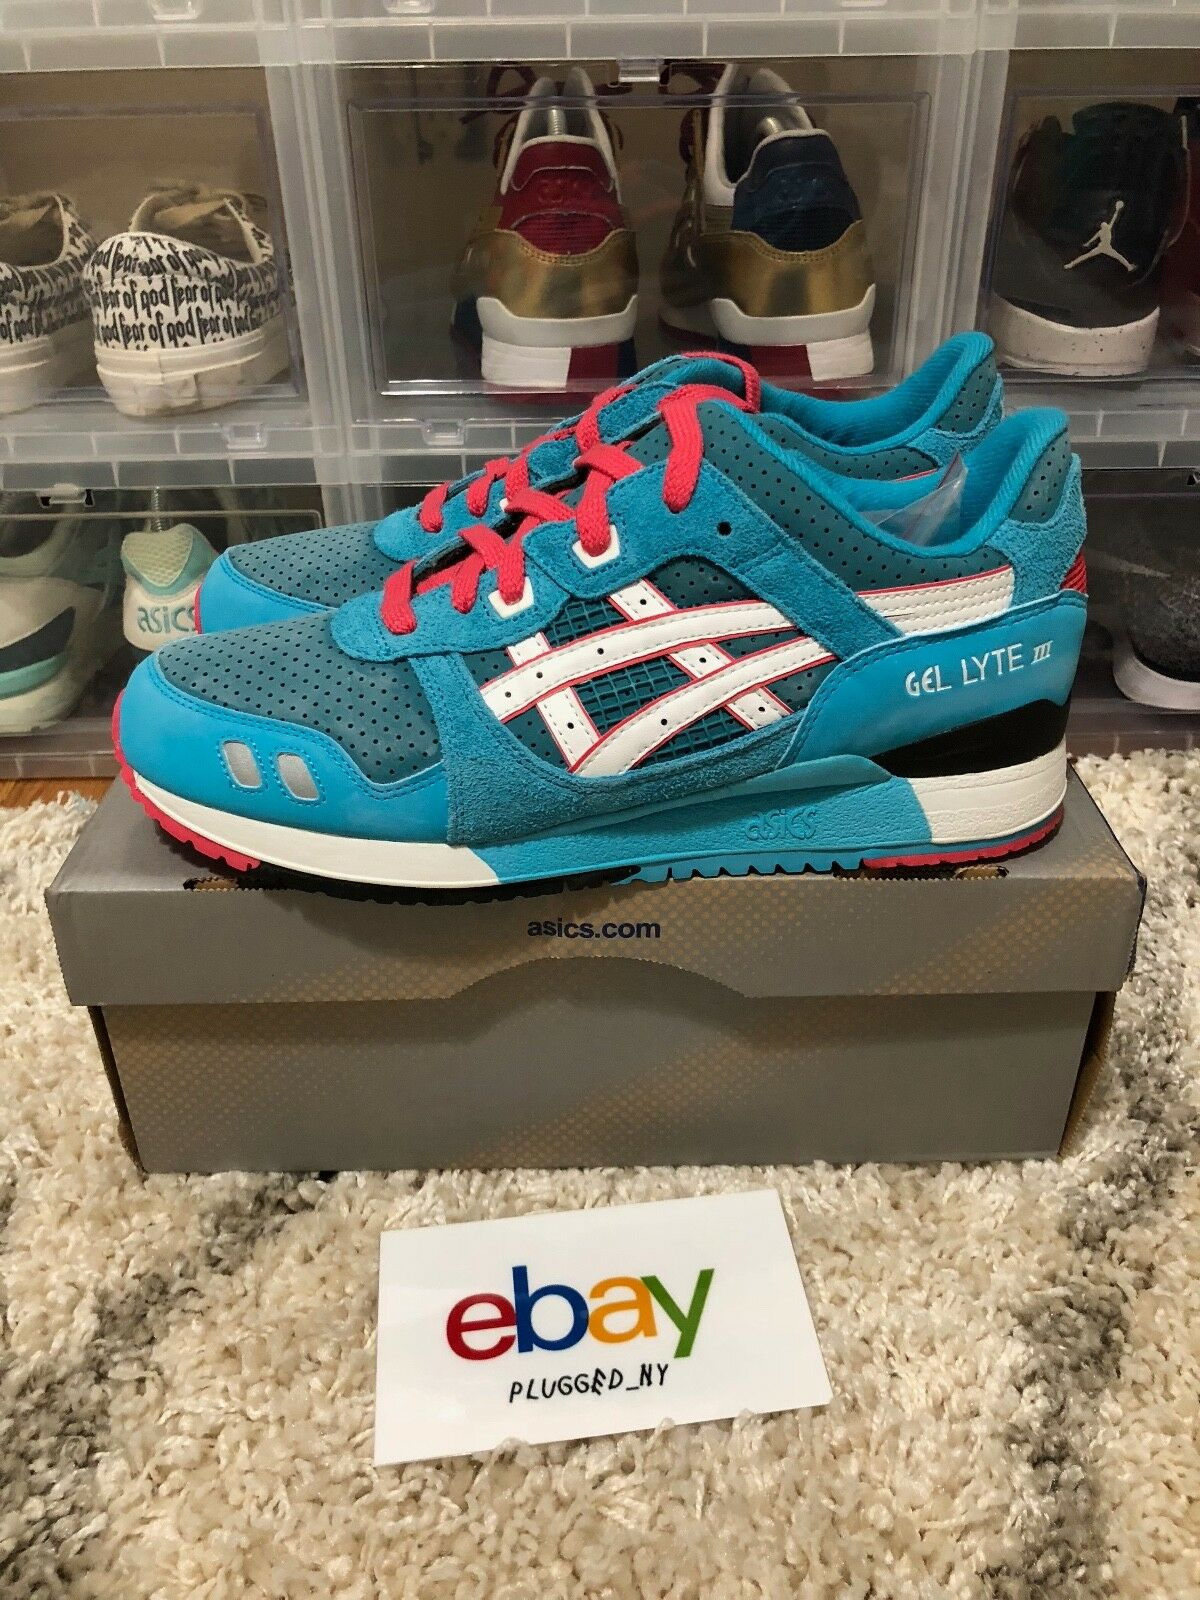 PYS x Asics Gel Lyte 3 Teal Dragons OG OG OG 2011 Pick Your scarpe Sz 9 Brand New DS 227a60